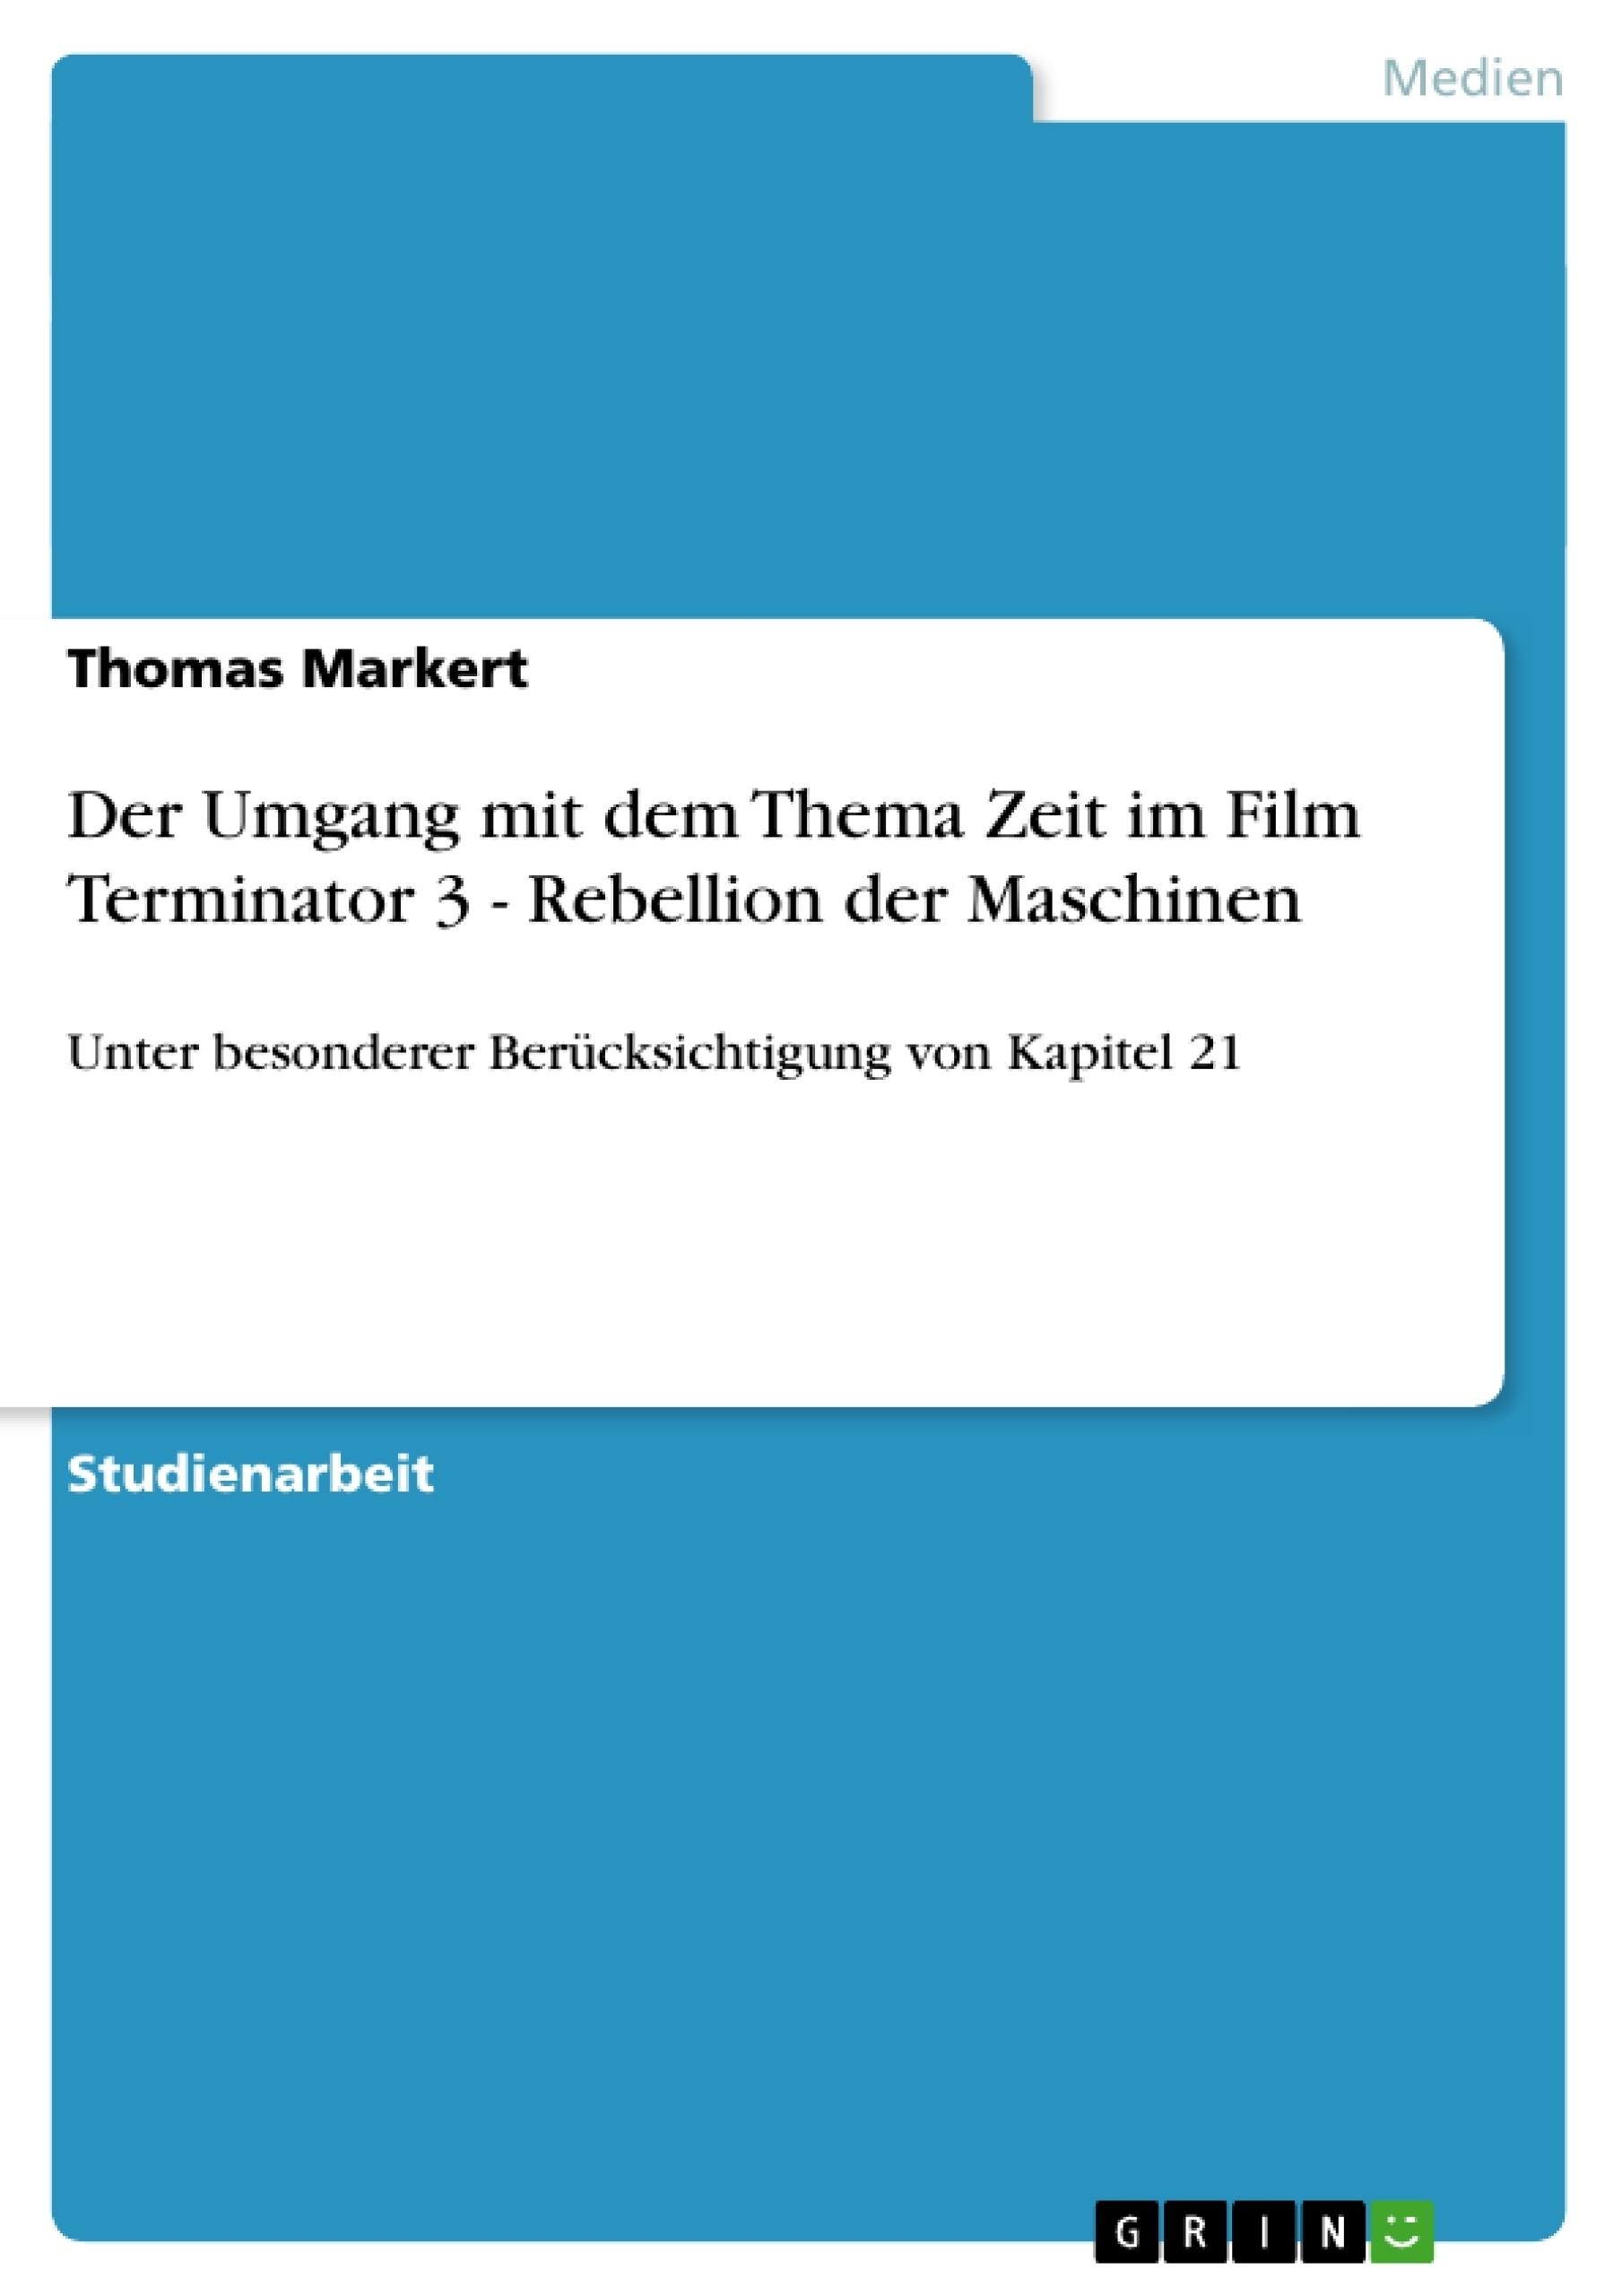 Titel: Der Umgang mit dem Thema Zeit im Film Terminator 3 - Rebellion der Maschinen